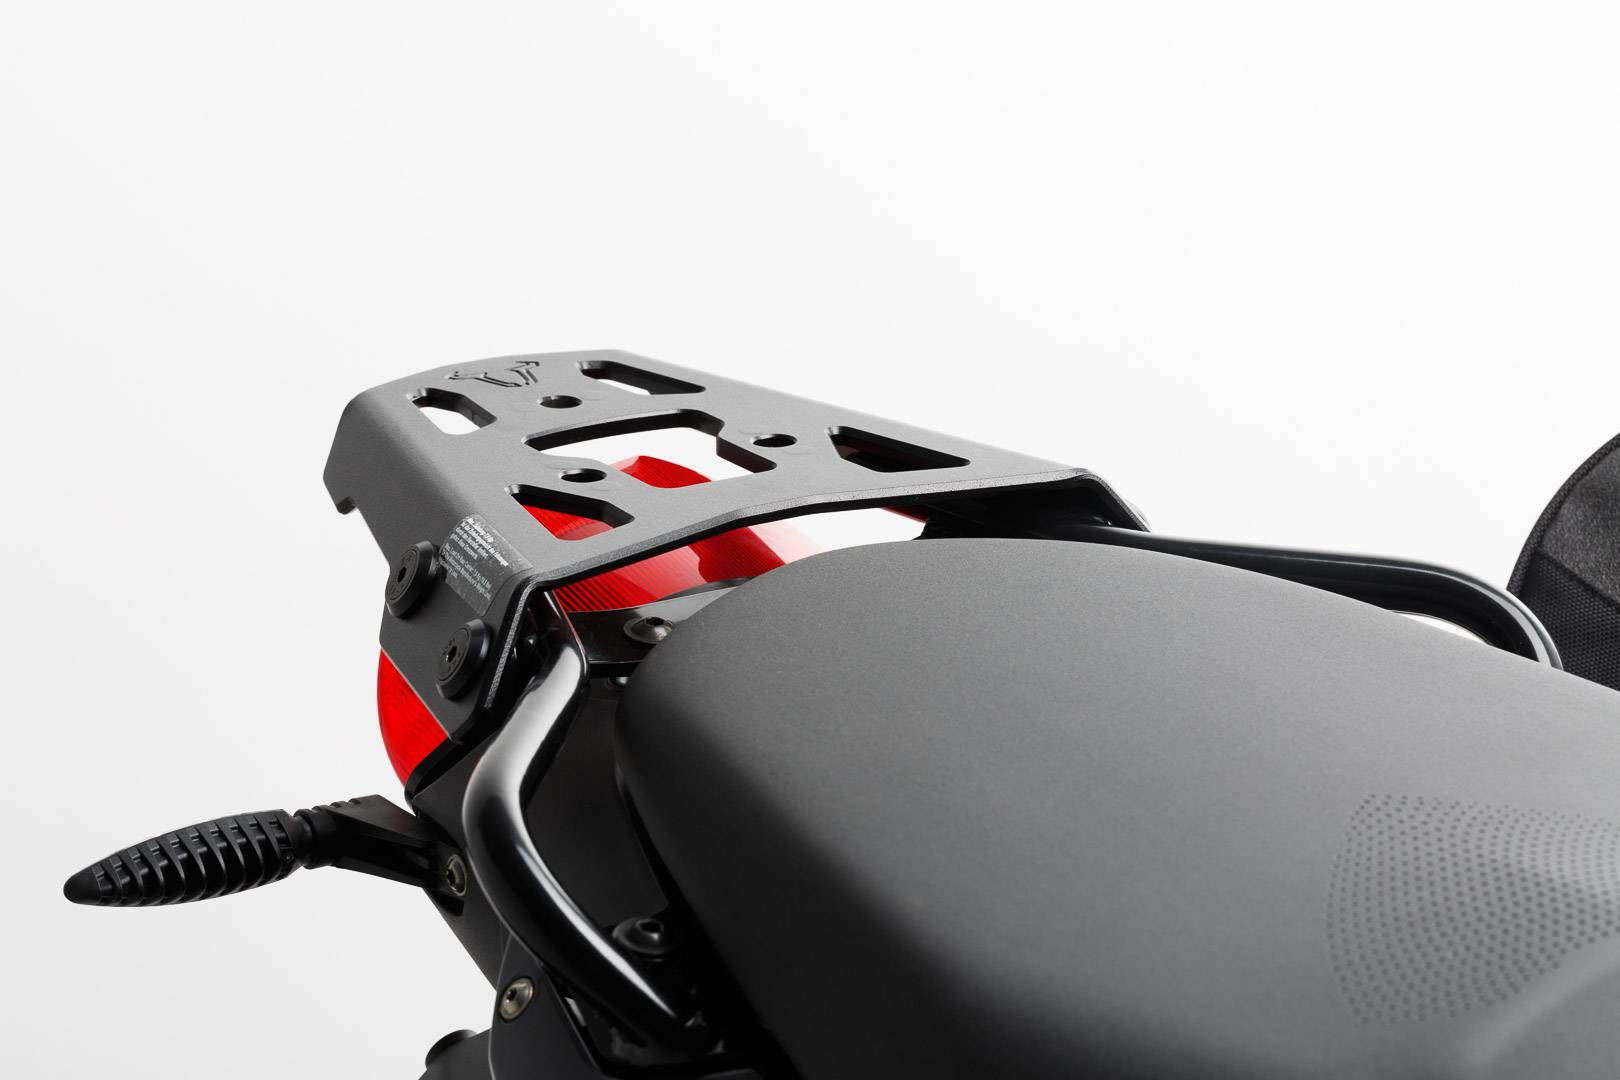 SW-Motech Porte-bagages ALU-RACK - Noir. BMW F 800 S / ST / R / GT. Noir taille :